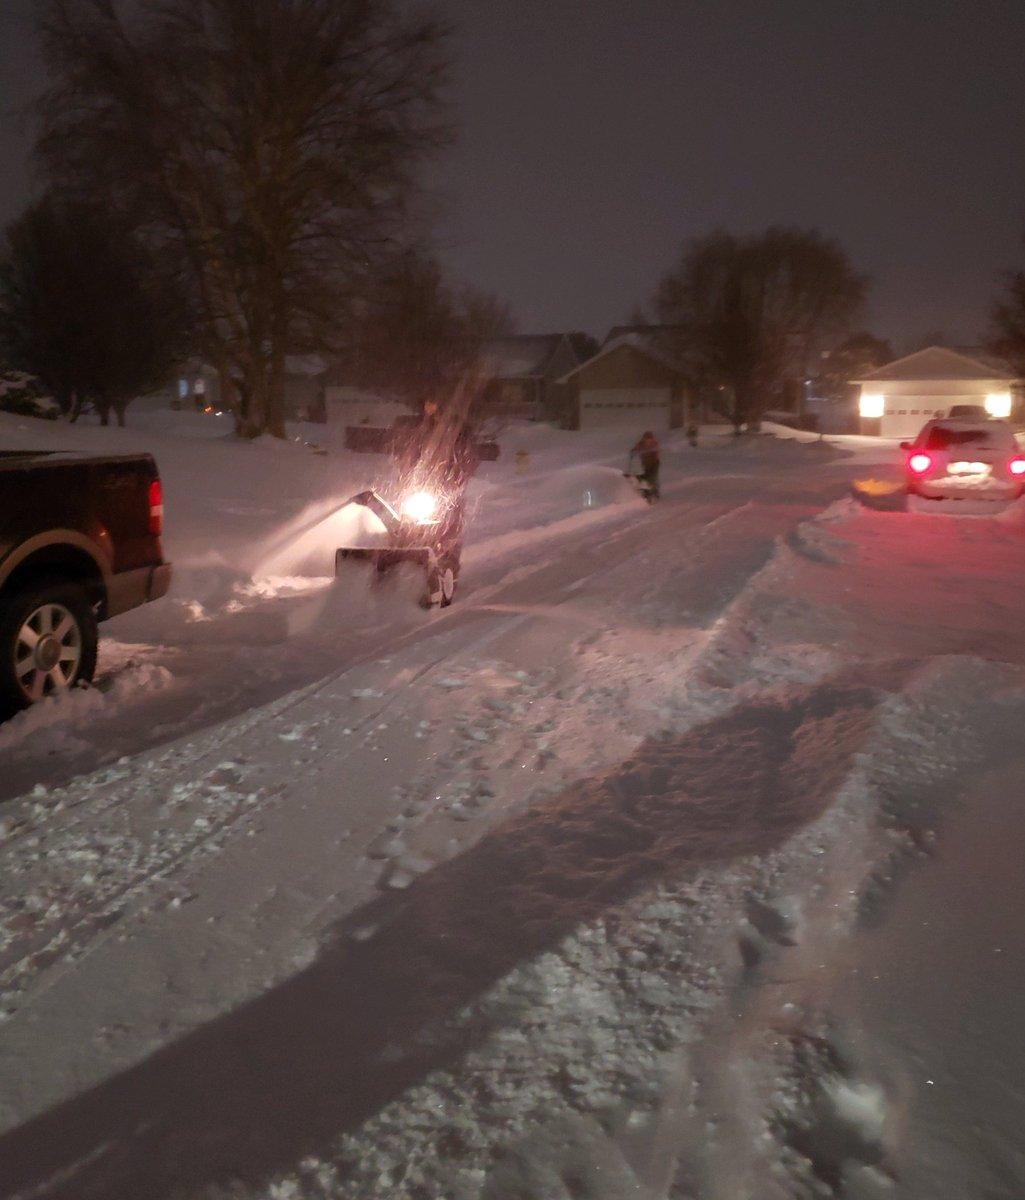 Крижане цунамі на Ніагарі і аварія з 70 авто: захоплюючі кадри сніжної бурі в Канаді